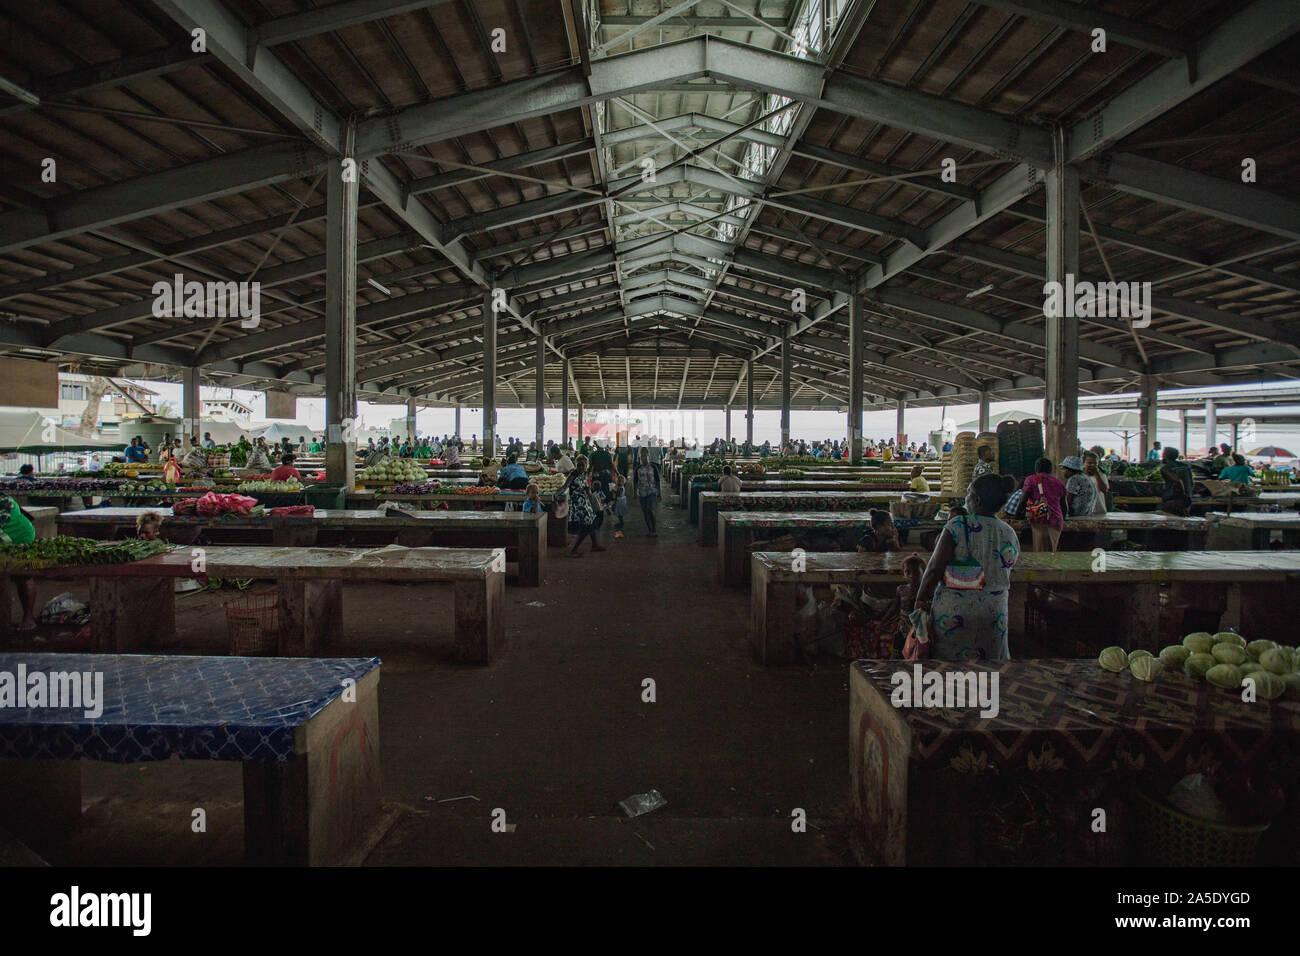 (191020) -- Isole Salomone, 20 ott. 2019 (Xinhua) -- foto scattata su 13 Ottobre, 2019 mostra la Honiara mercato centrale di Honiara, Isole Salomone. (Foto di Zhu Hongye/Xinhua) Foto Stock